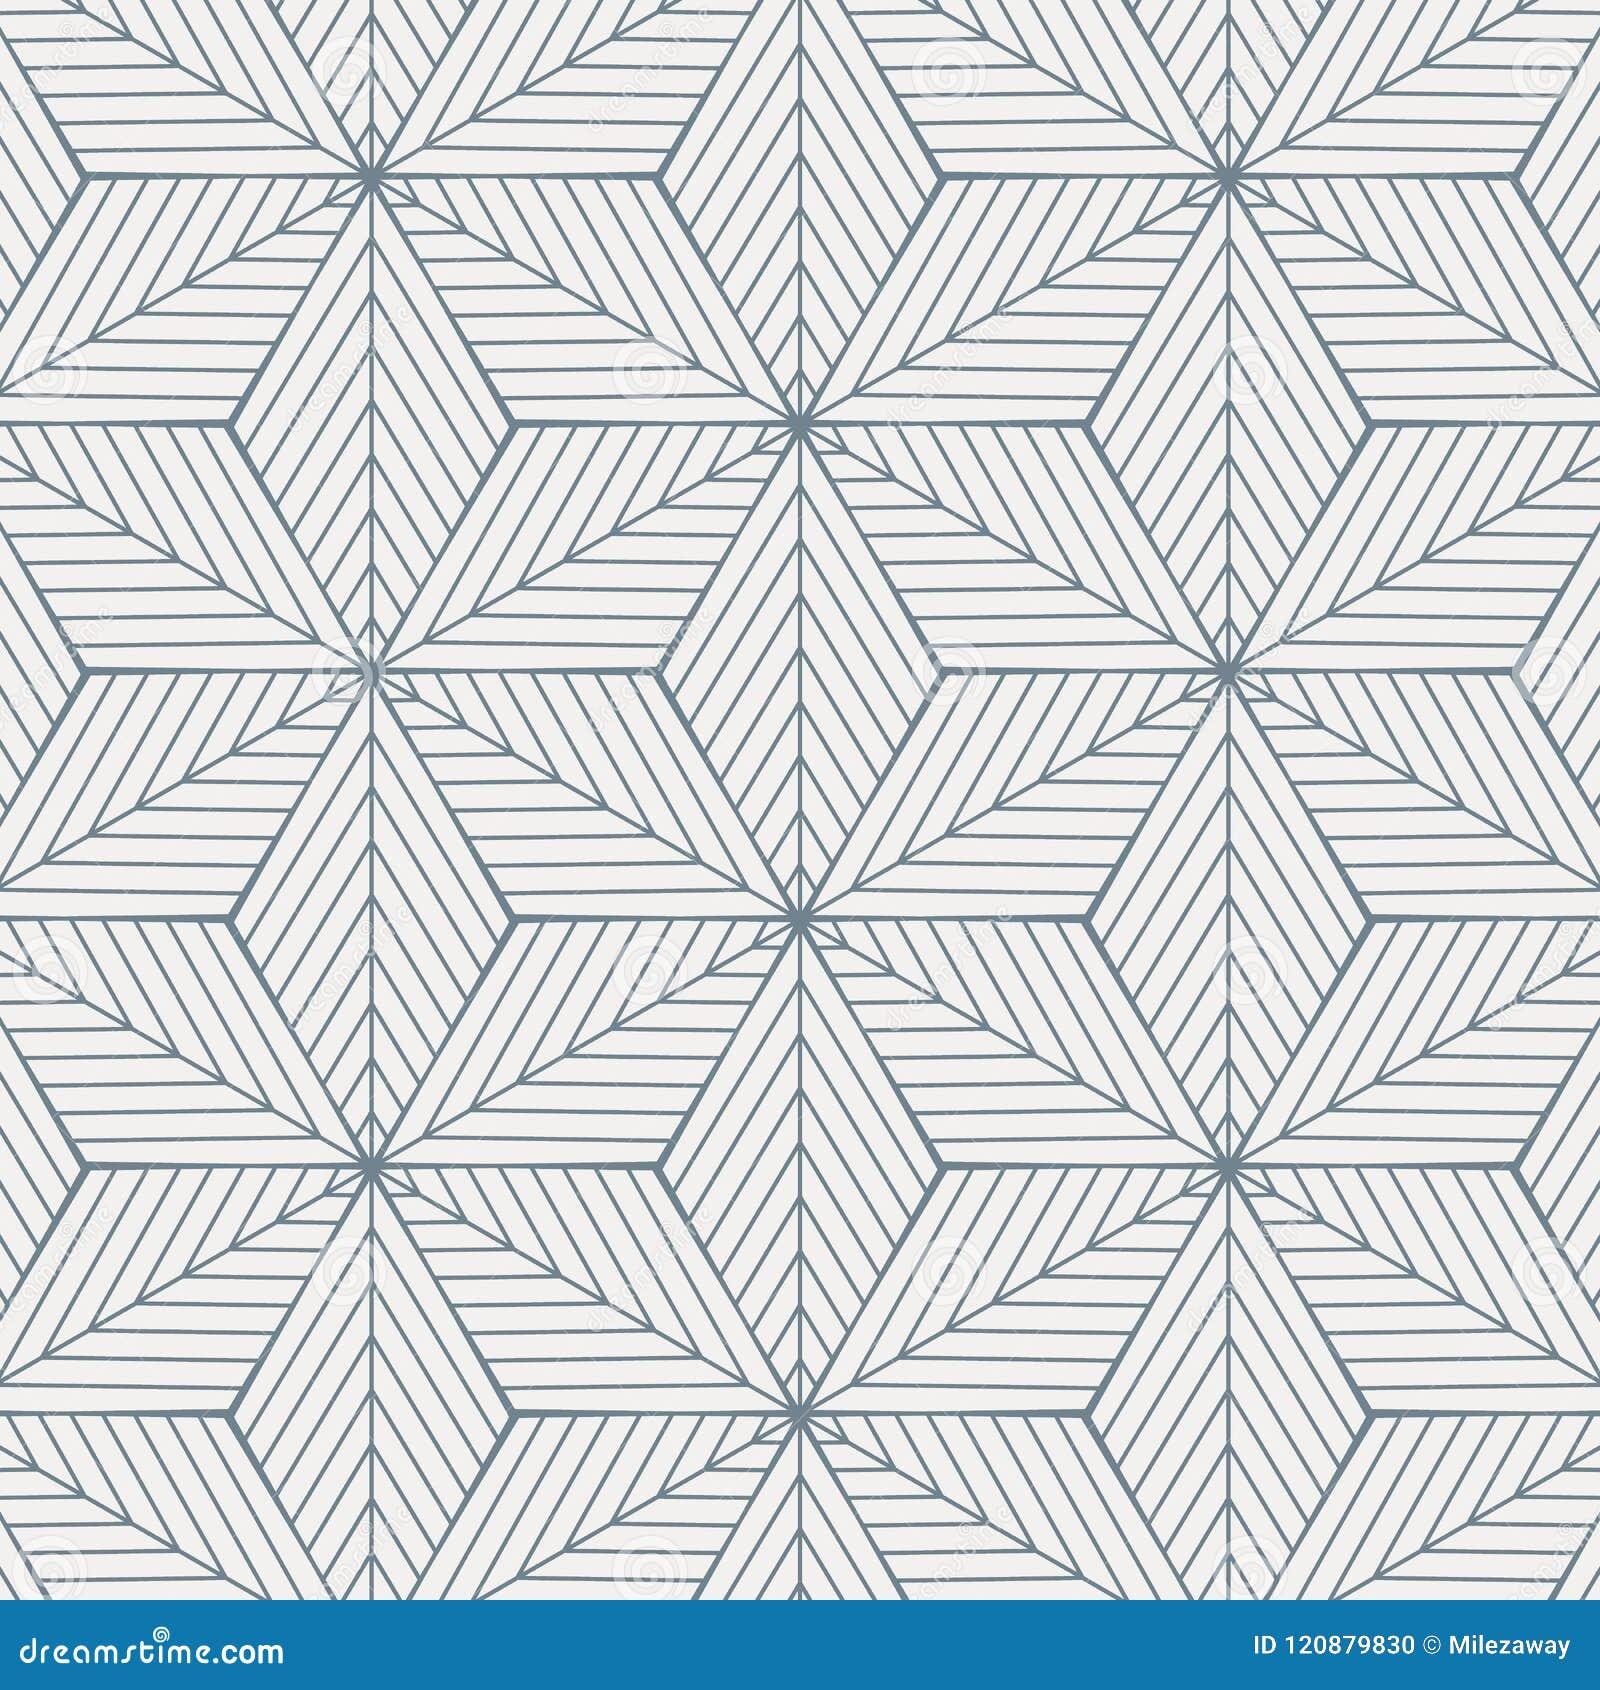 Das geometrische Vektormuster, linearen diagonalen Winkel auf Rautenform wiederholend schloss jedes, Zusammenfassungsstern, Blume